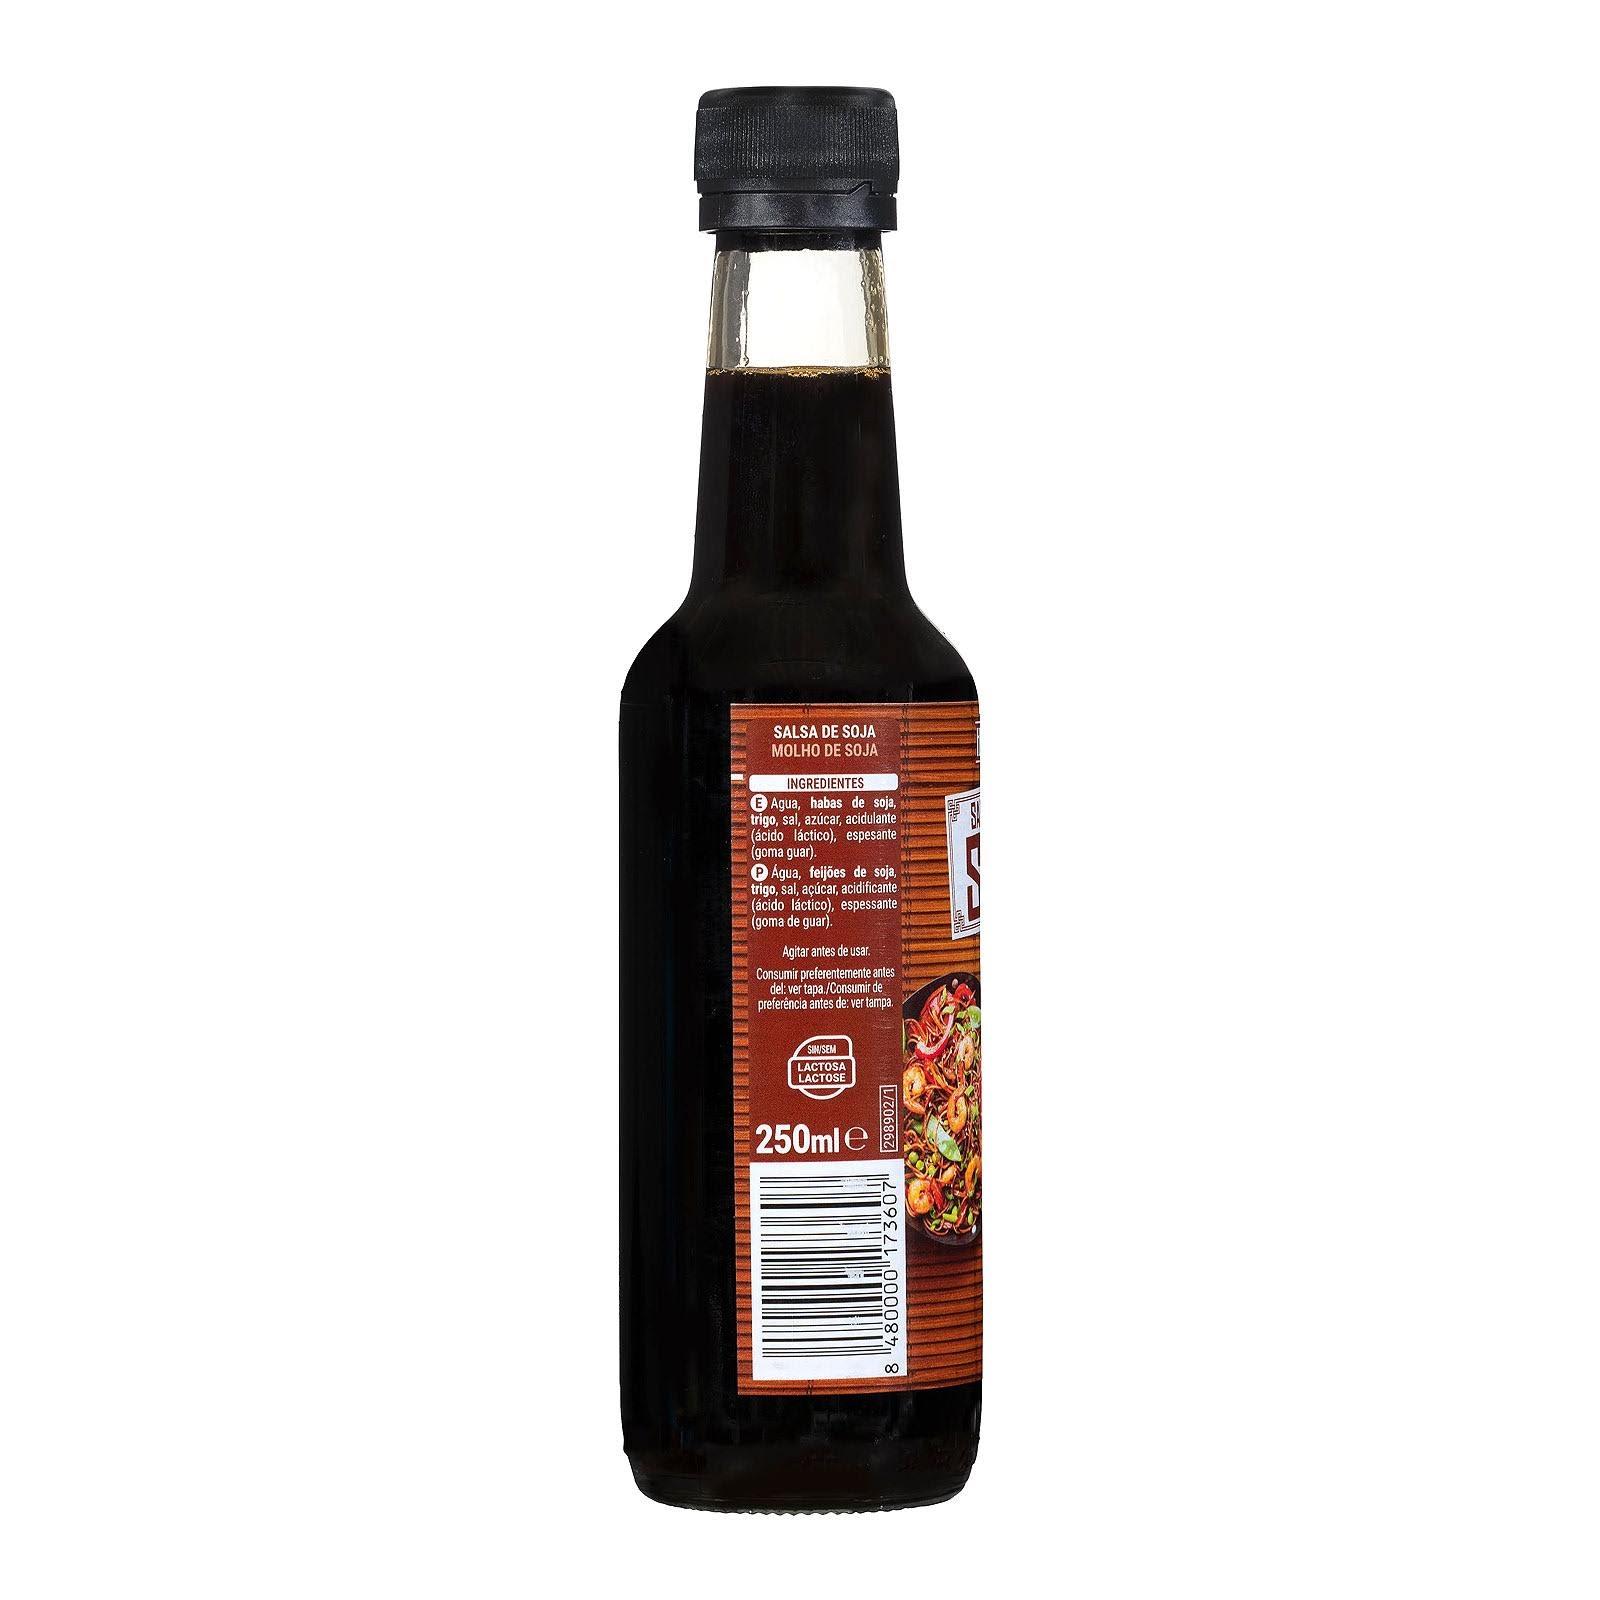 Salsa de soja Hacendado